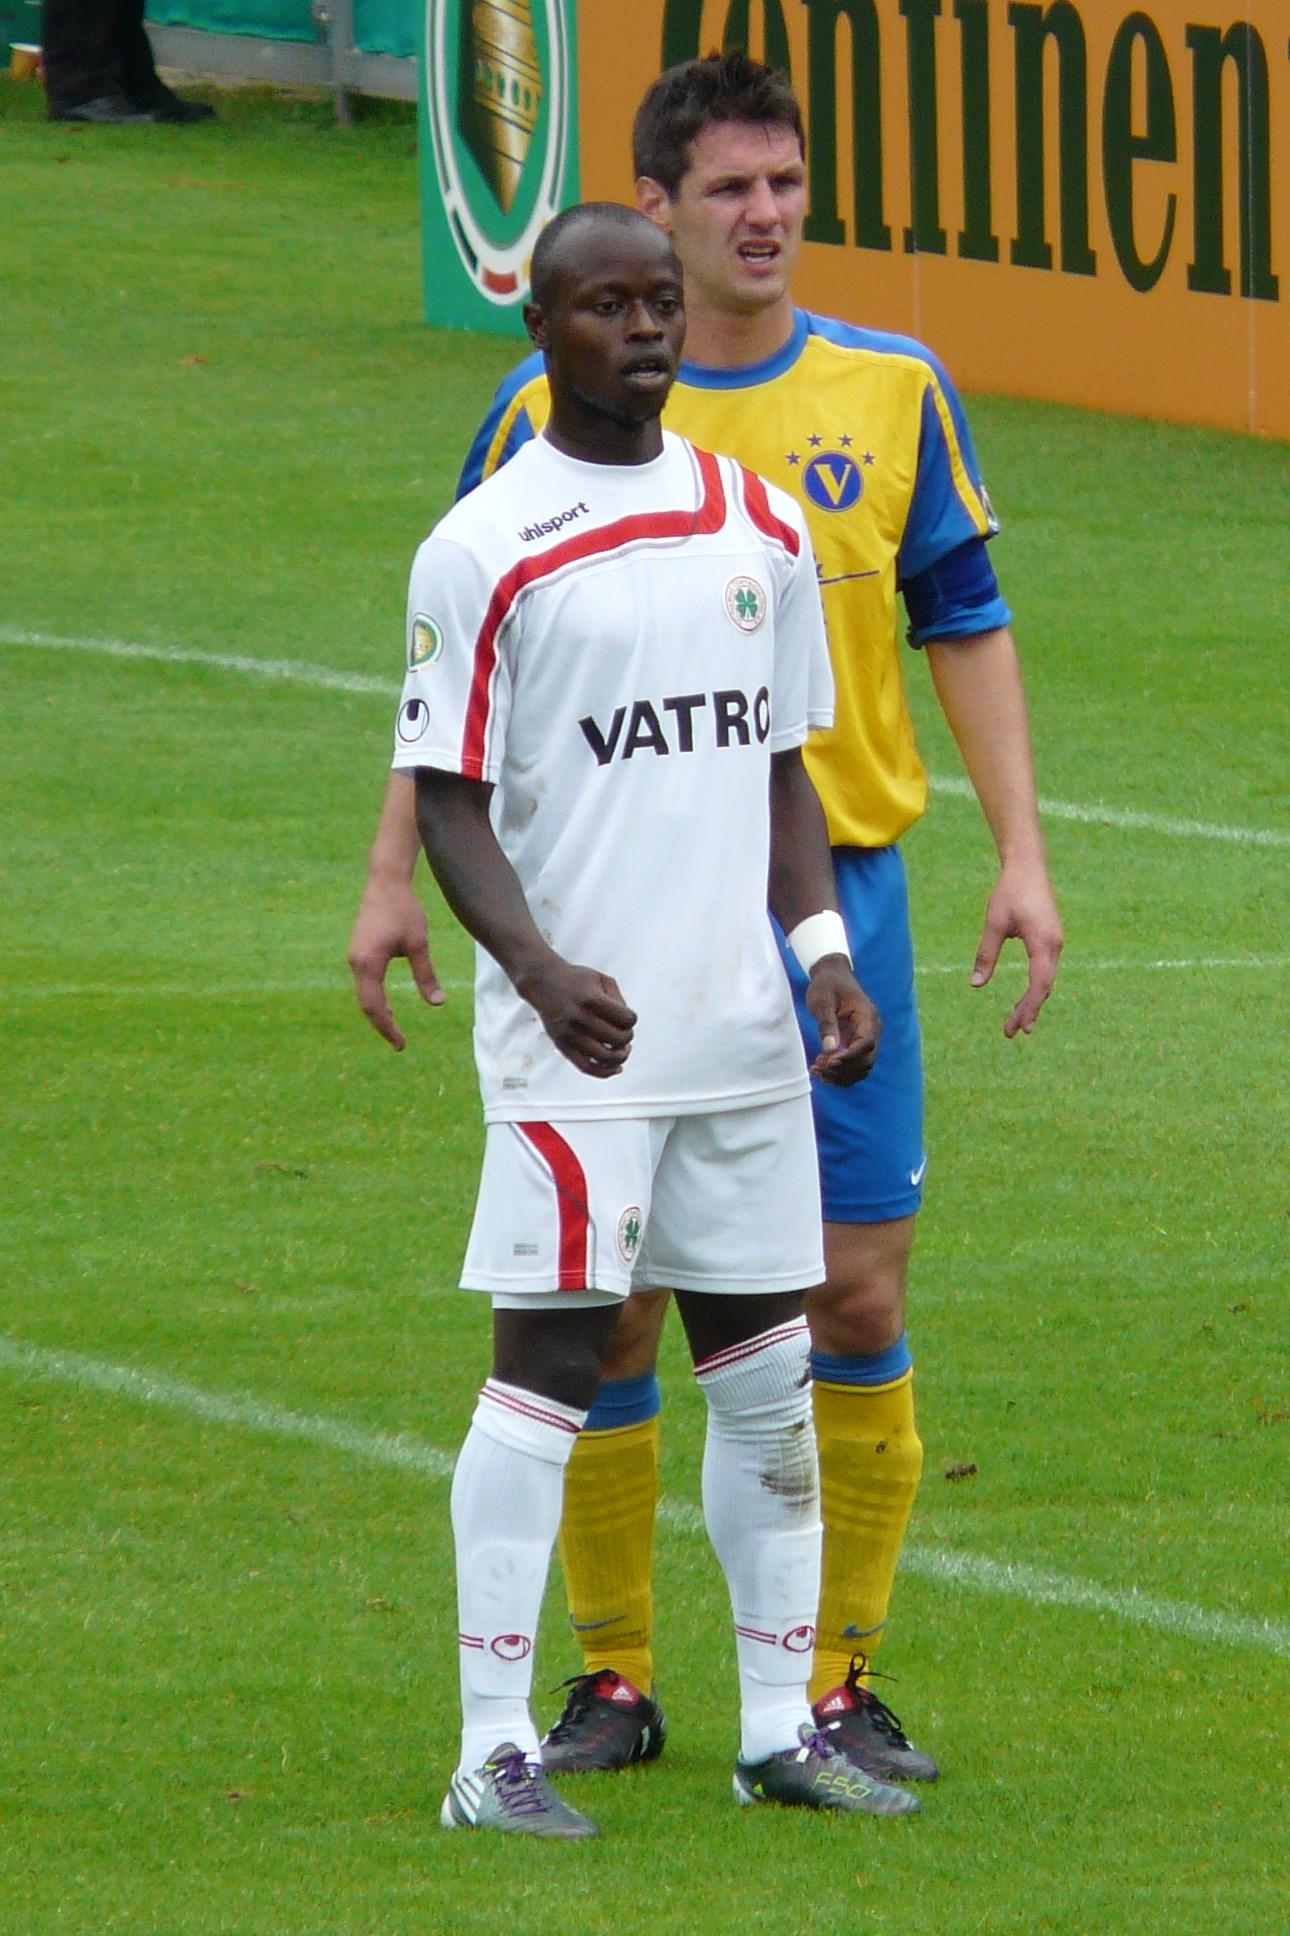 Moses Lamidi – Wikipedia